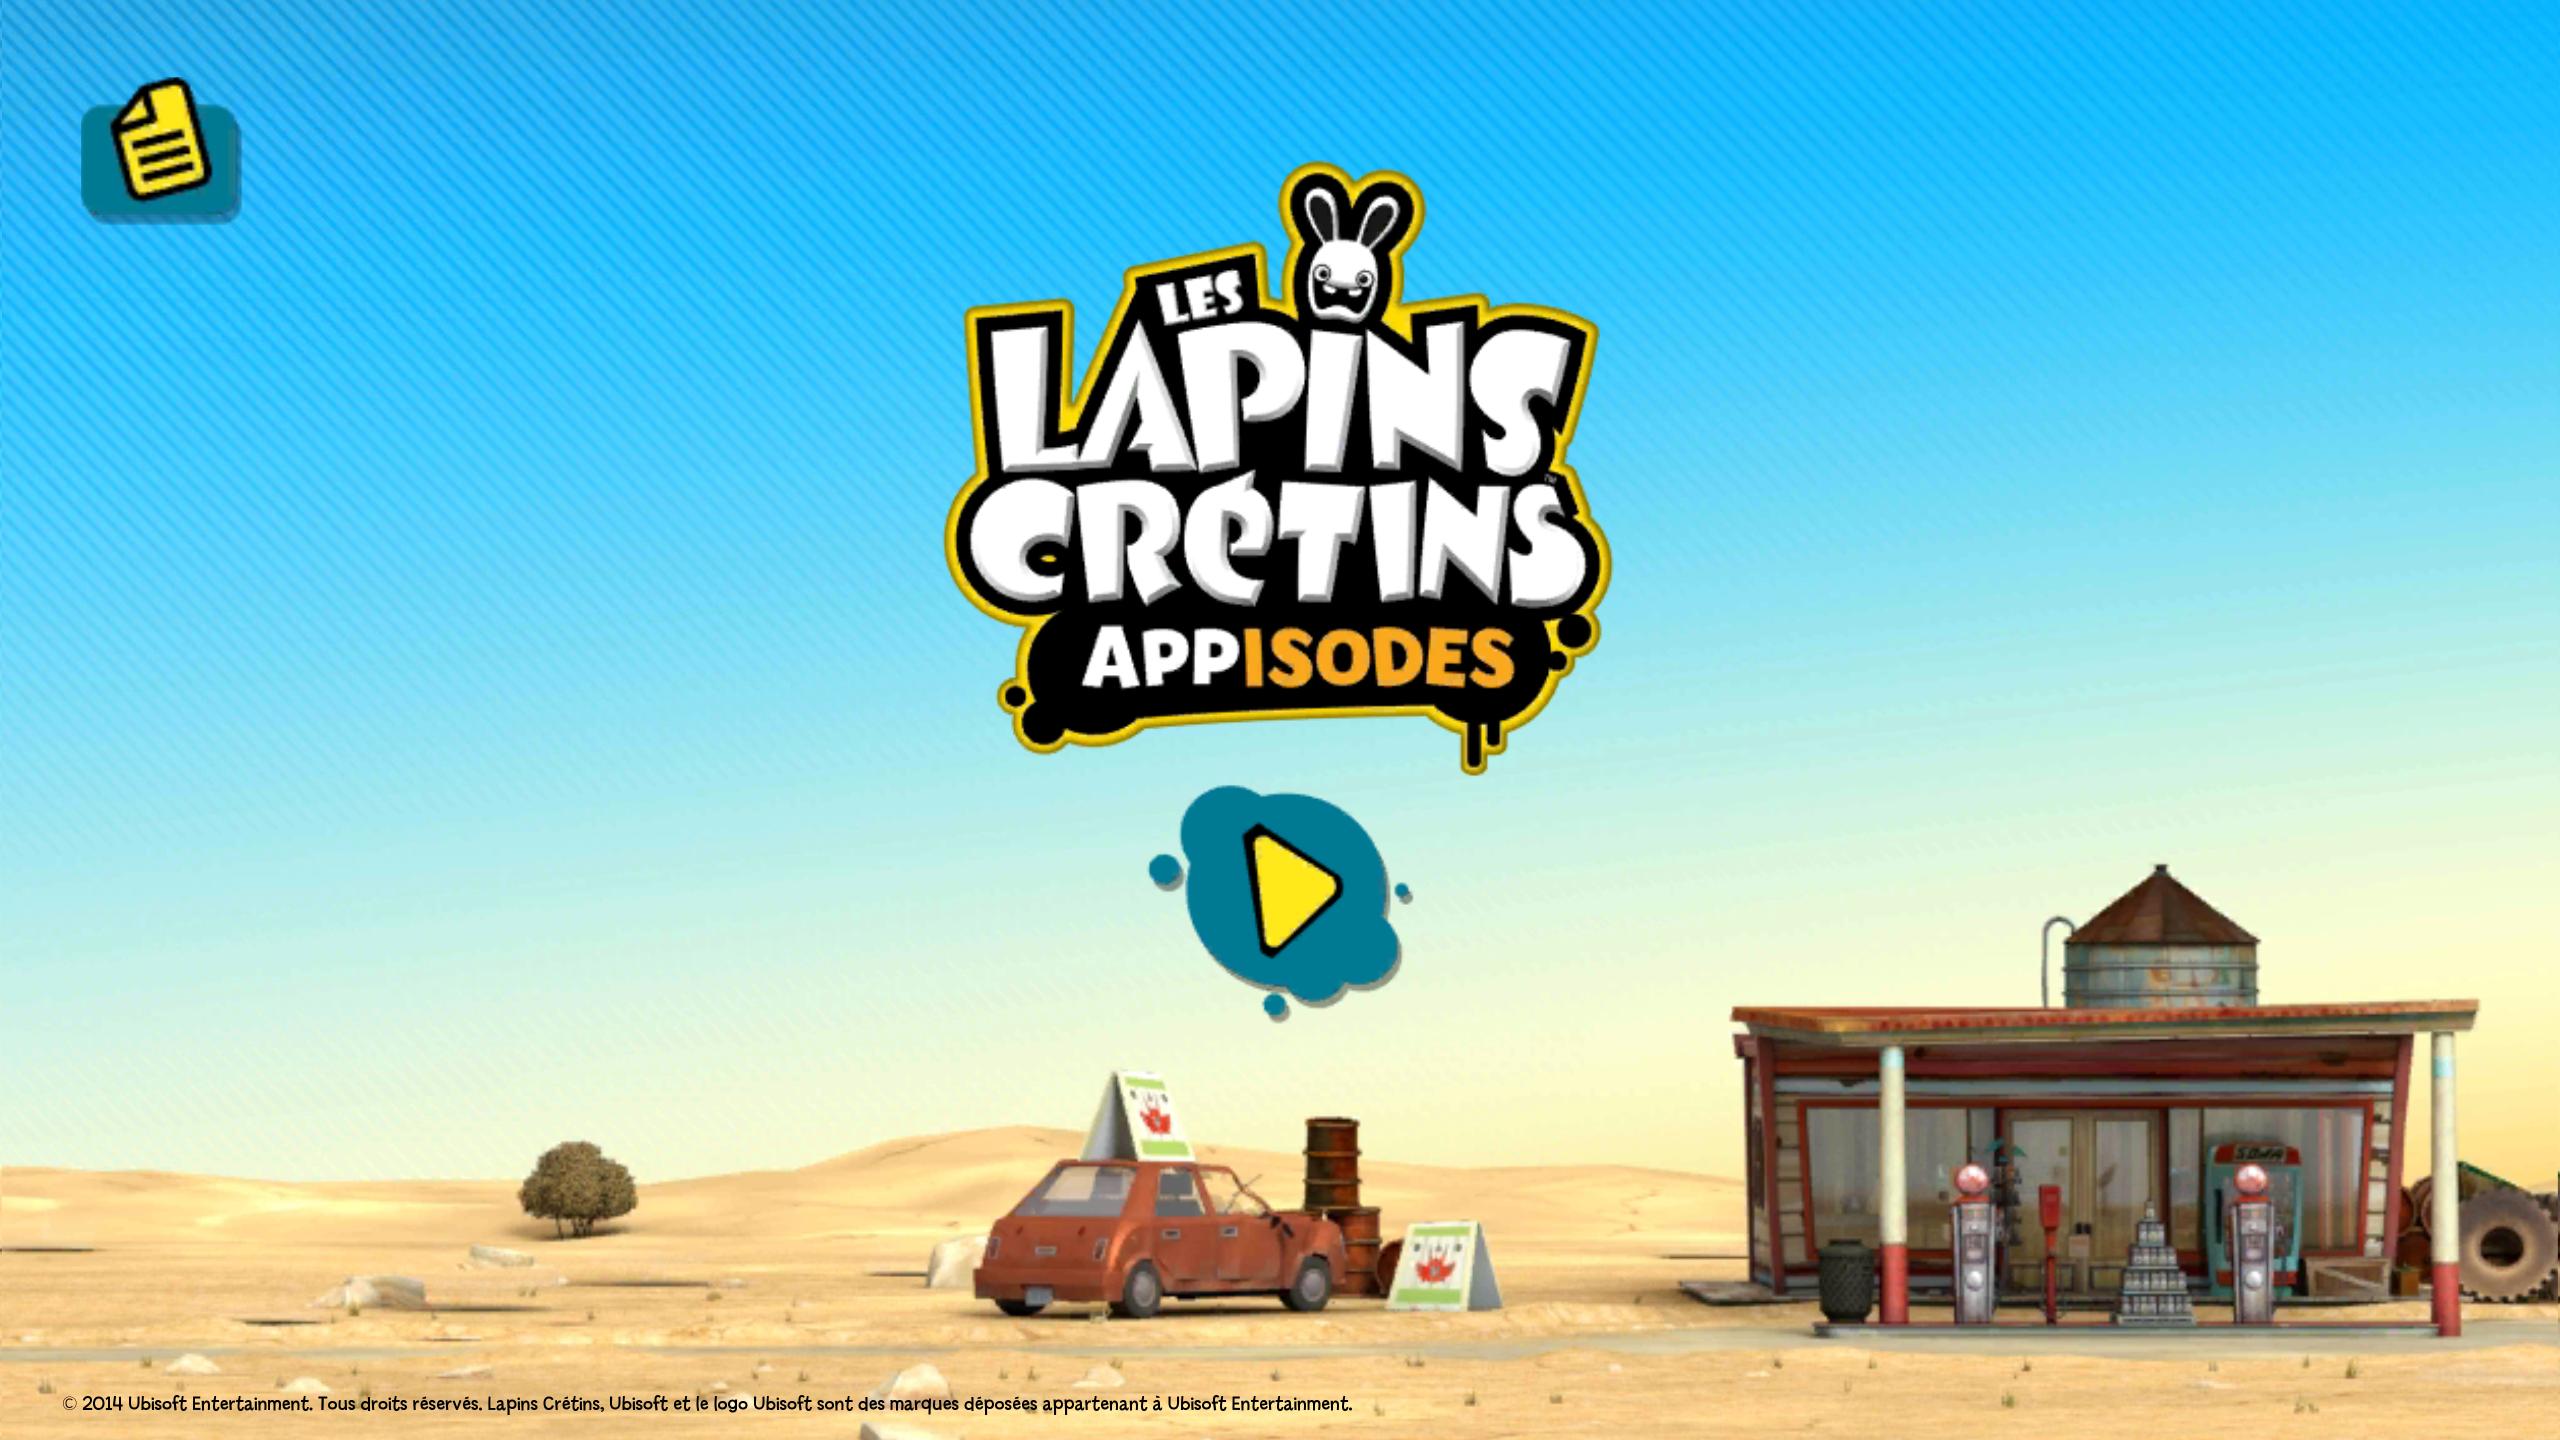 Les Lapins Crétins Appisodes-1